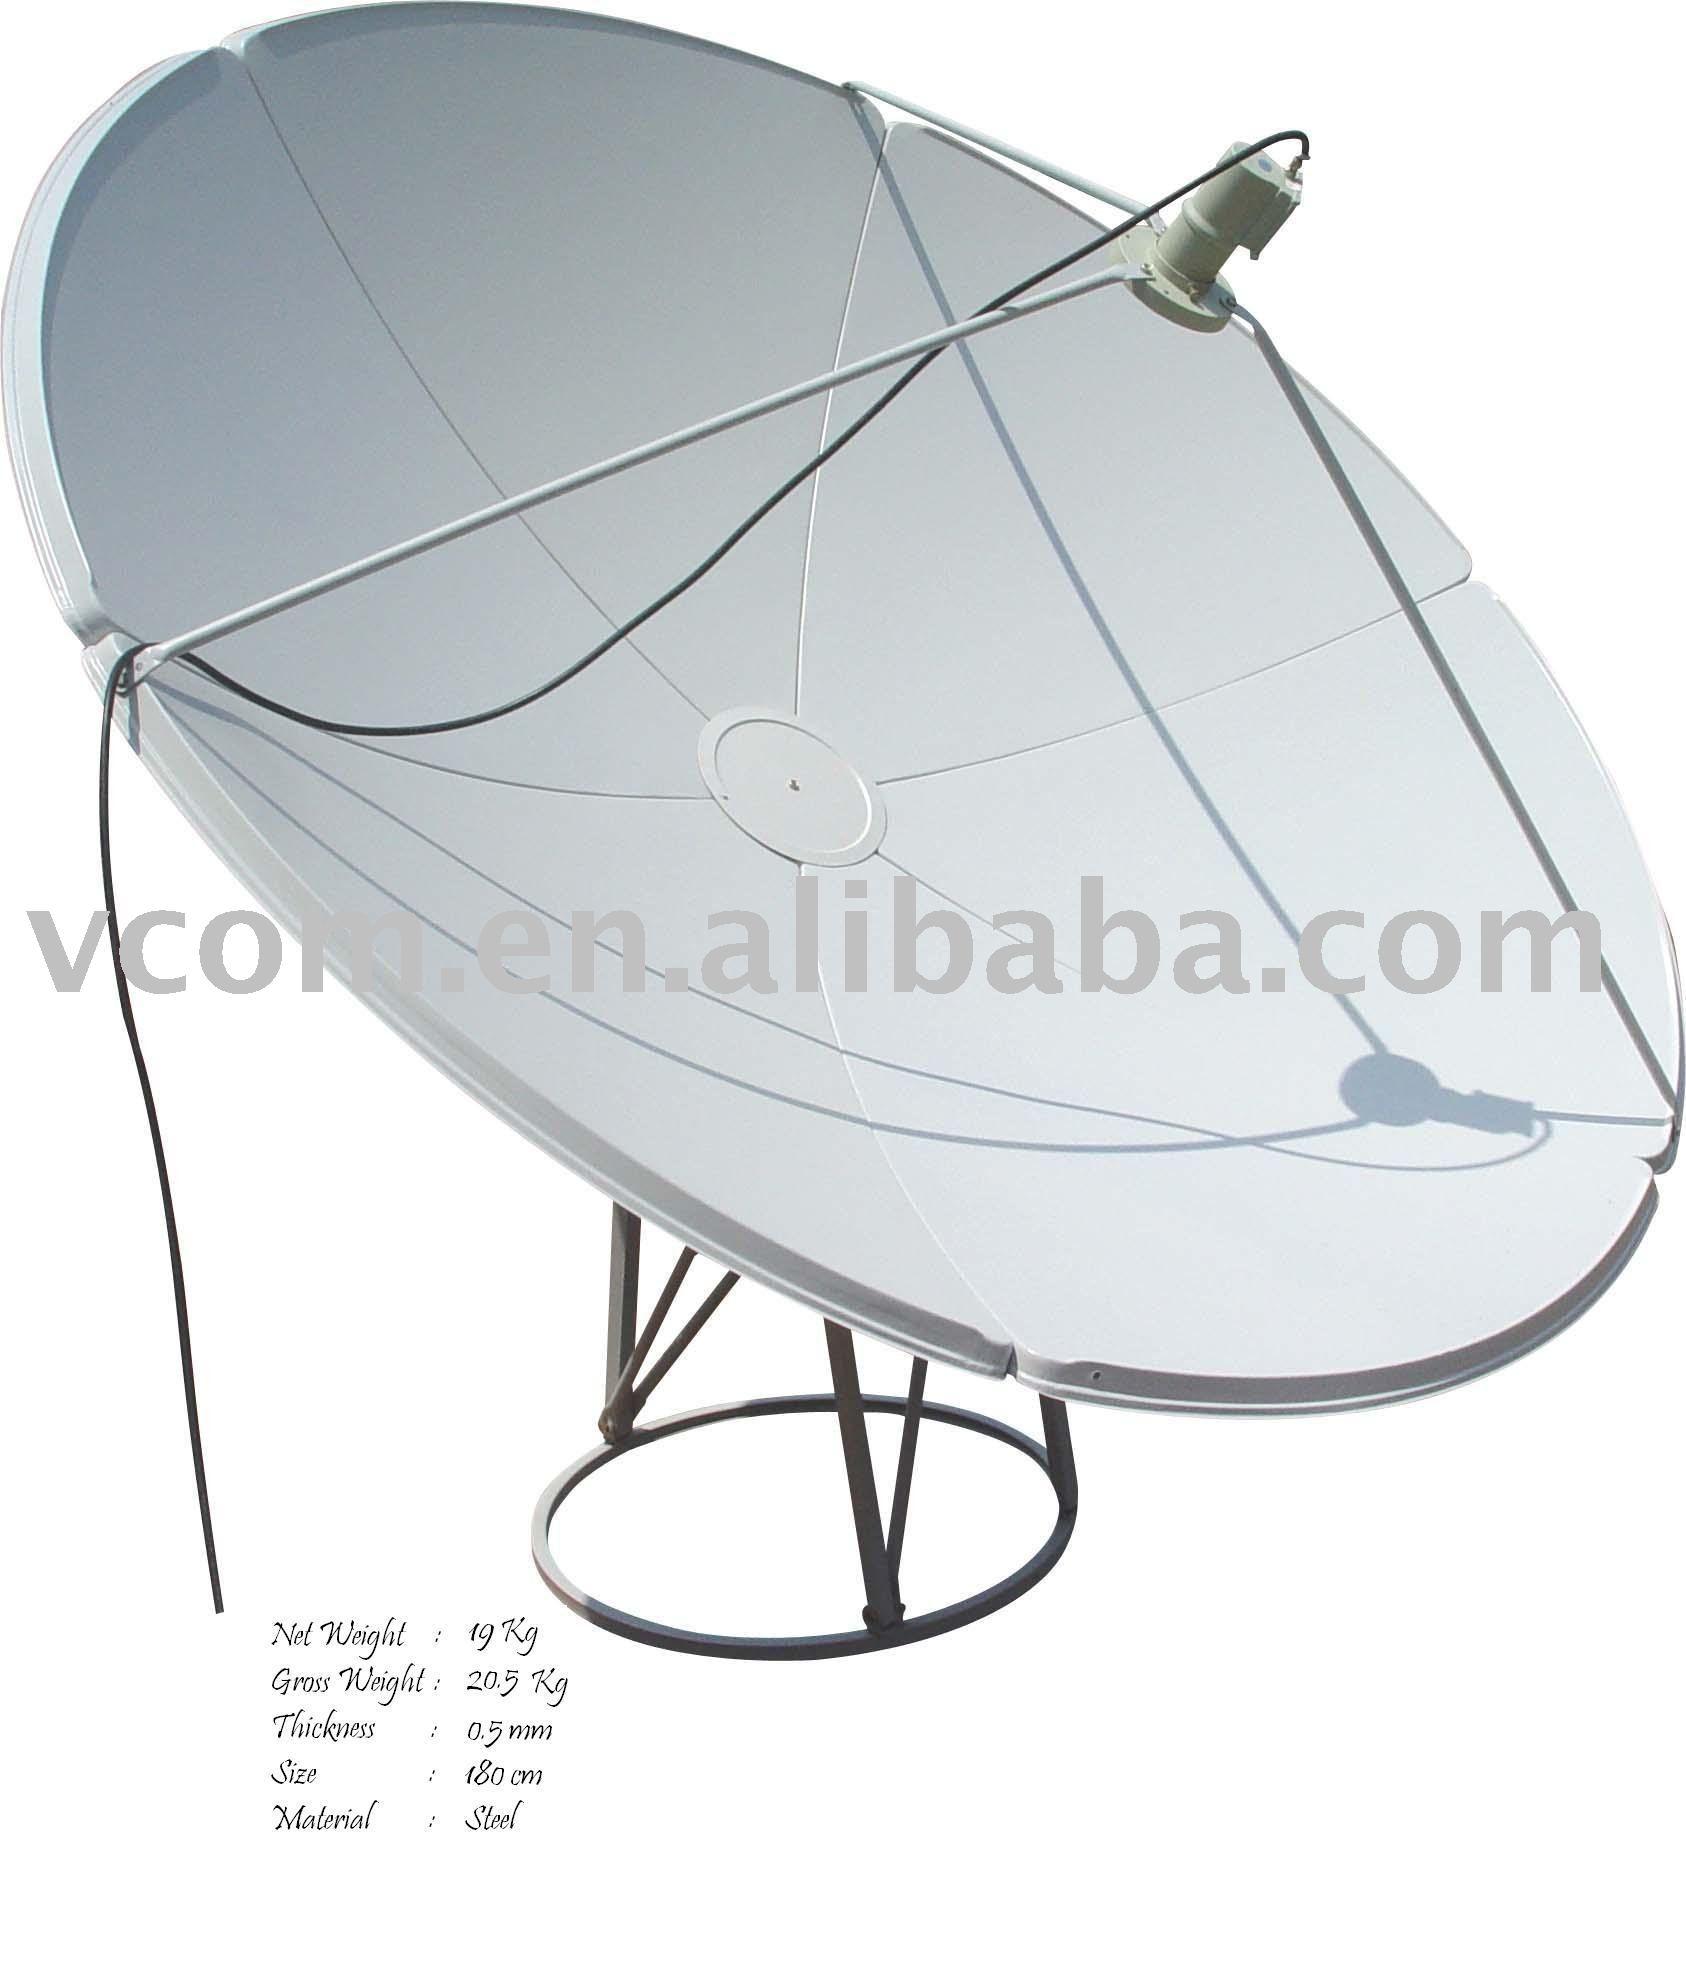 악대 위성 접시 안테나는 옥외를 사용했다